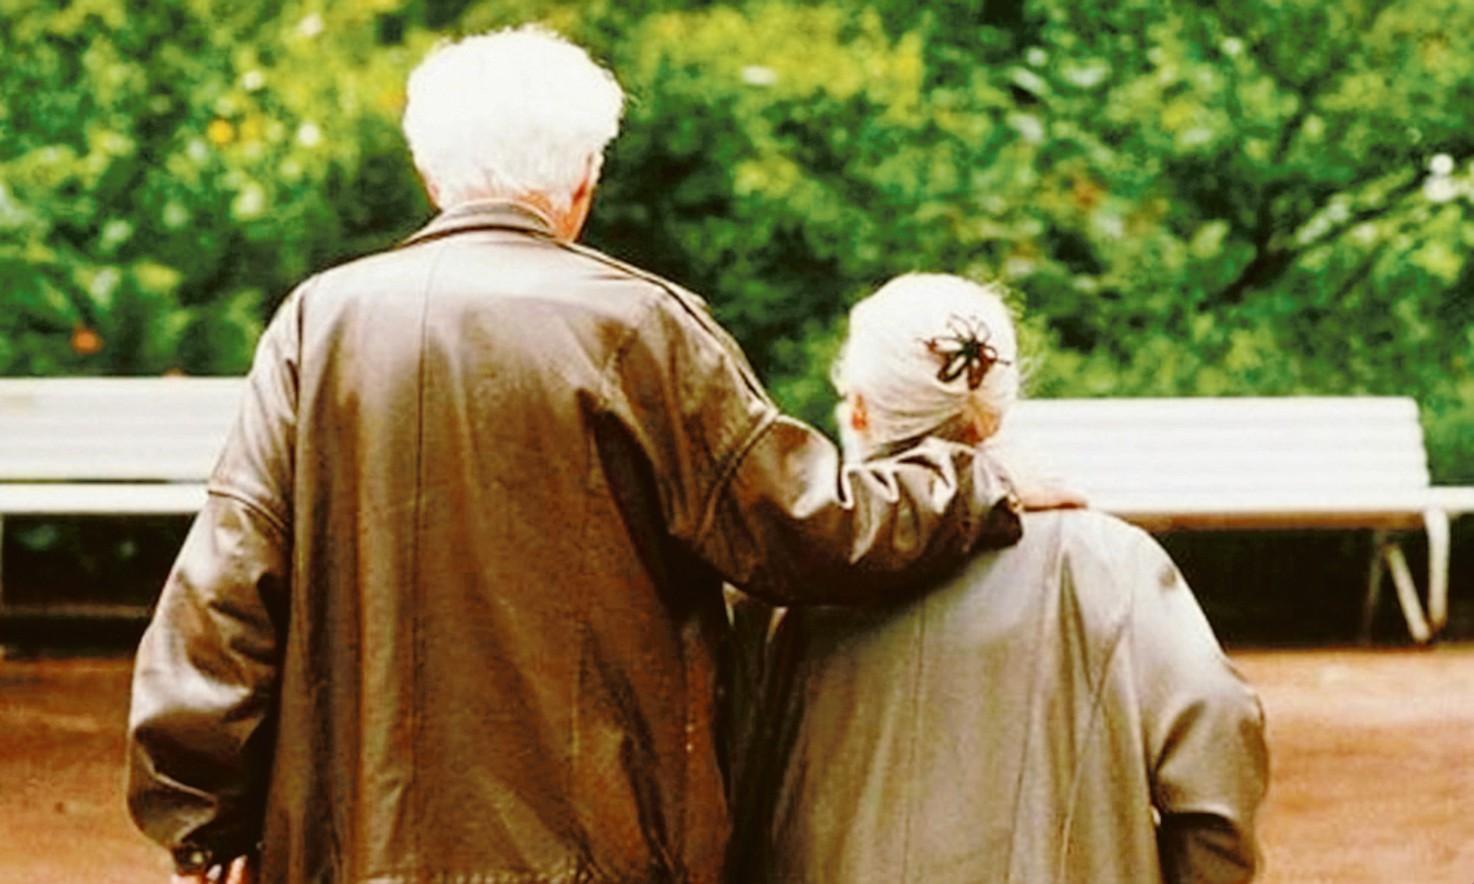 I due anziani saranno cacciati di casa la voce di rovigo